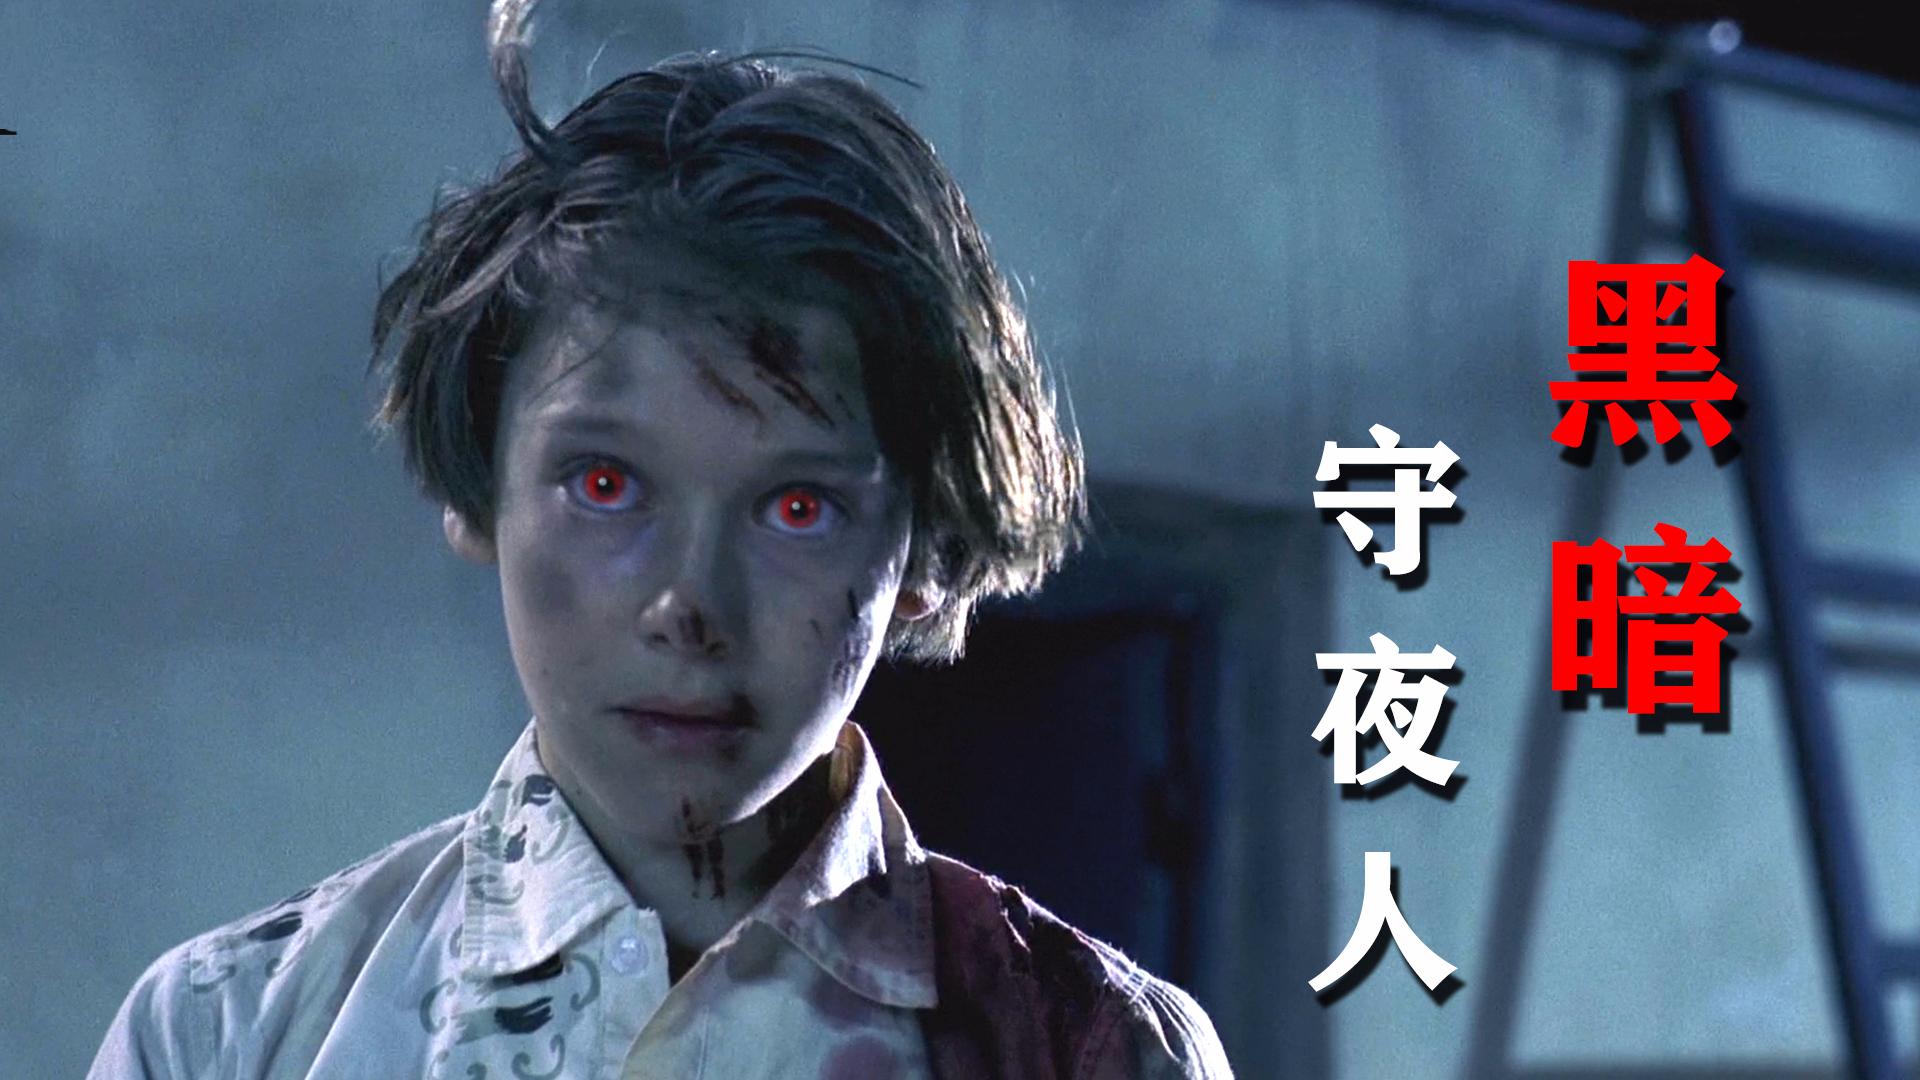 惊悚科幻片《守夜人》,少年被抛弃后,成了黑暗之王!